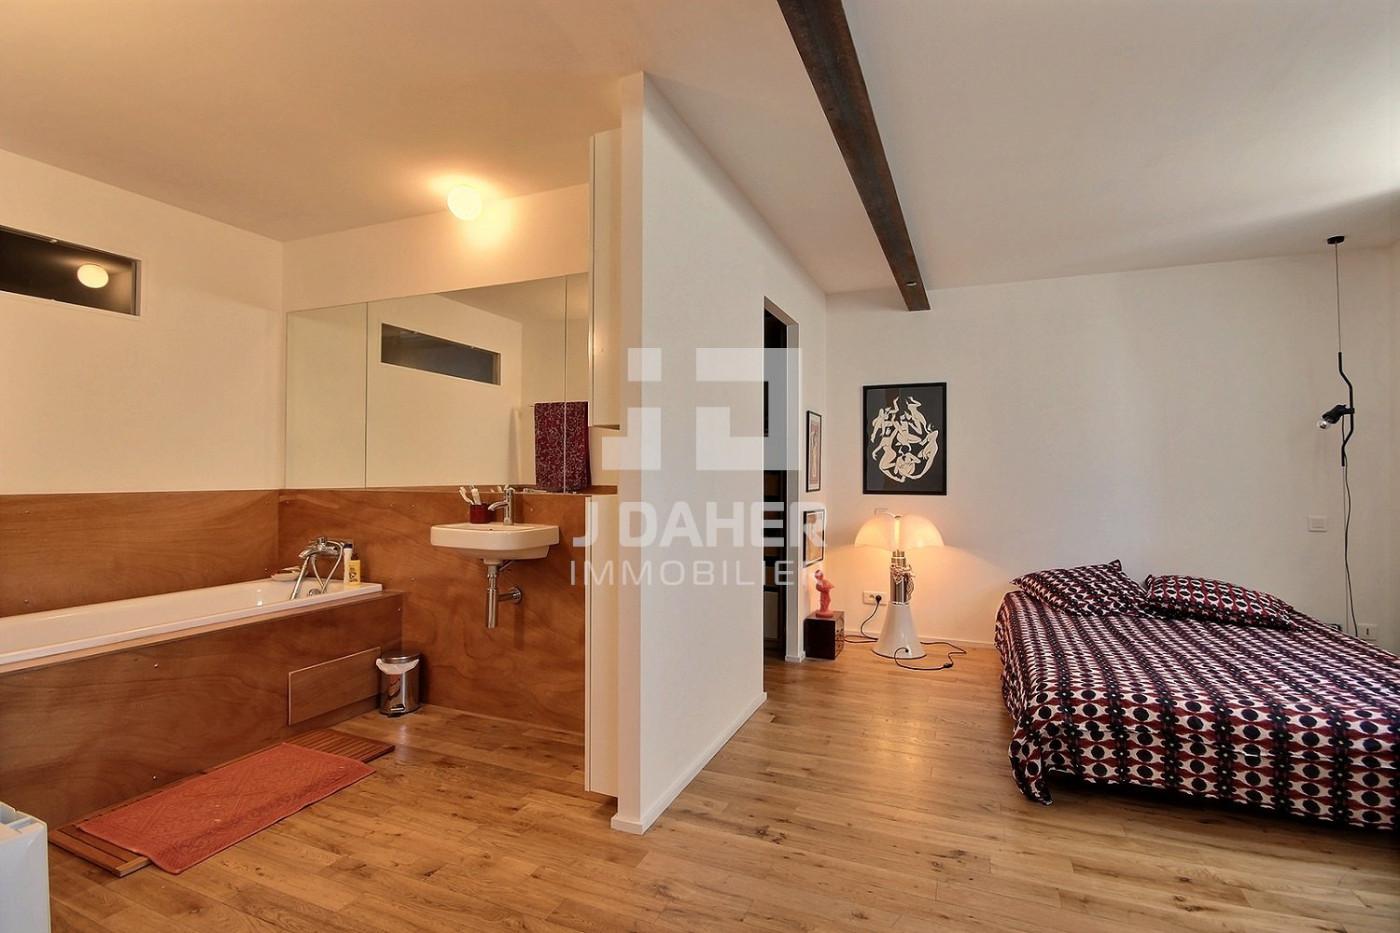 A vendre Marseille 8eme Arrondissement 13025951 J daher immobilier